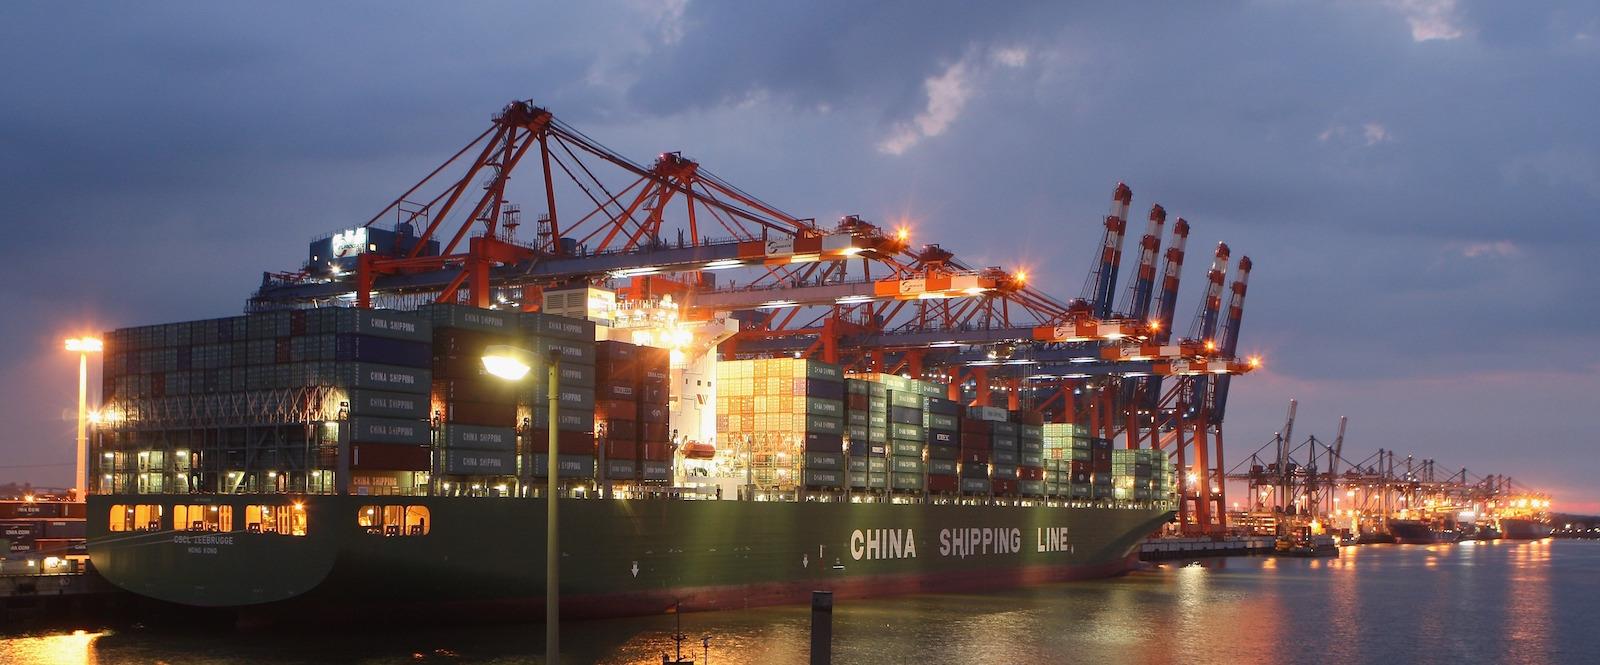 Китай торговля корабль контейнеровоз